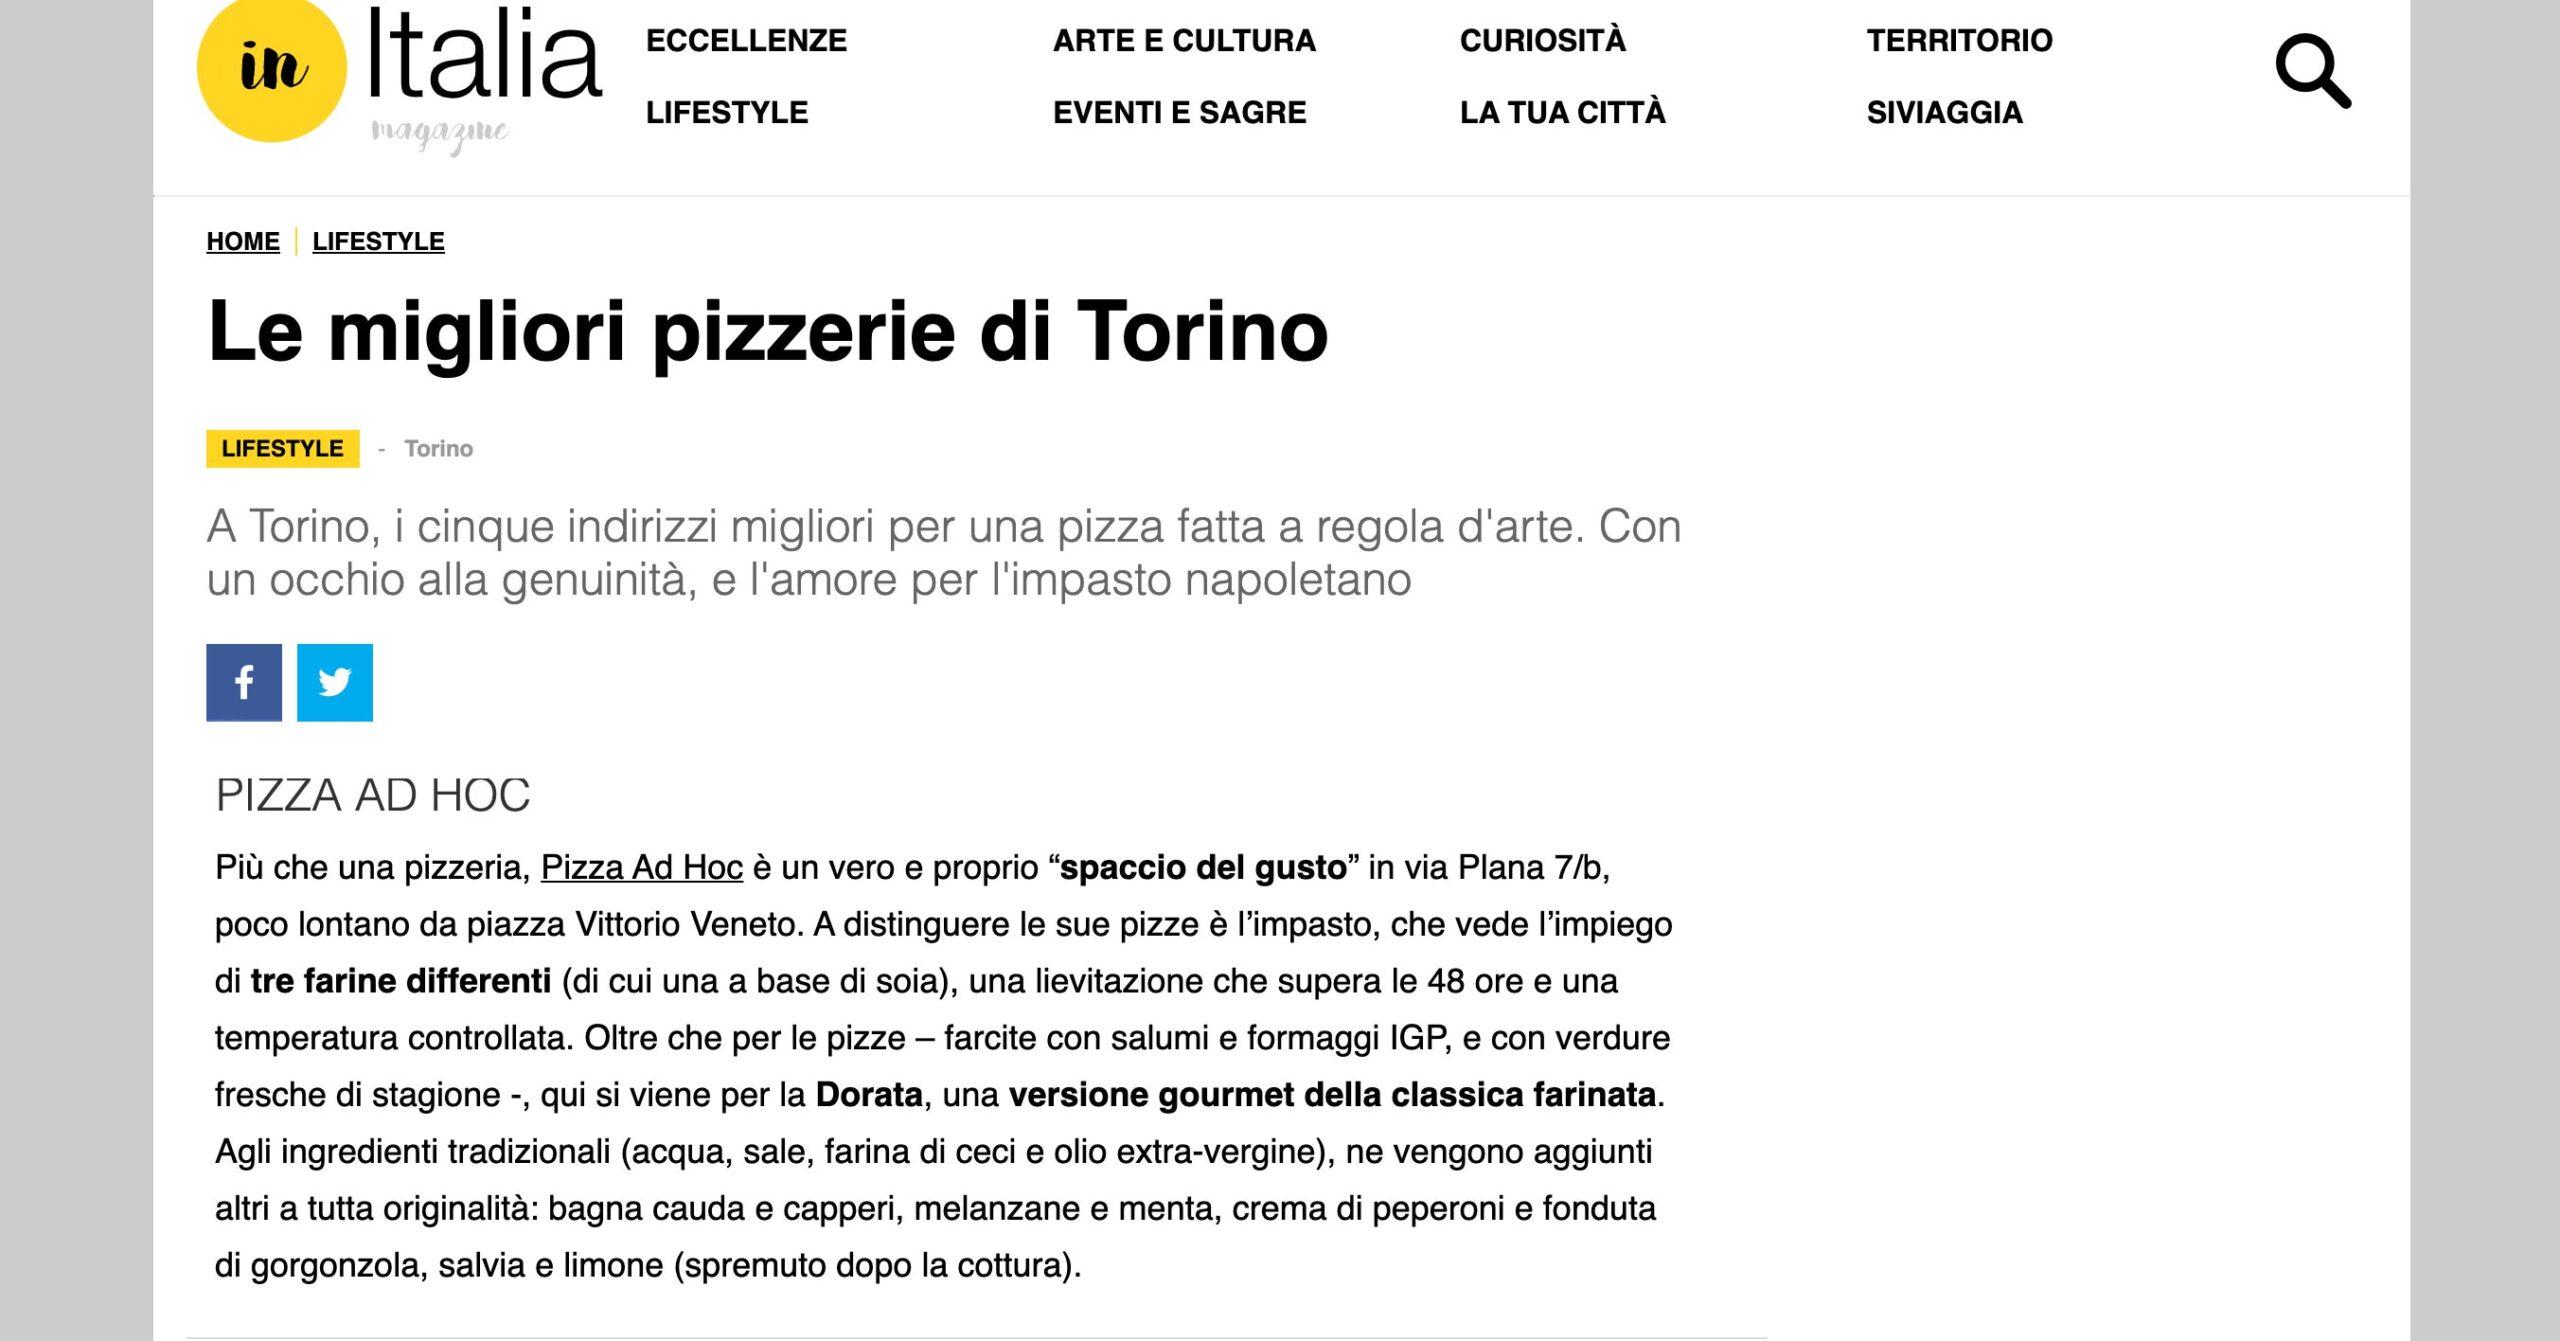 inItalia, le migliori pizzerie di Torino